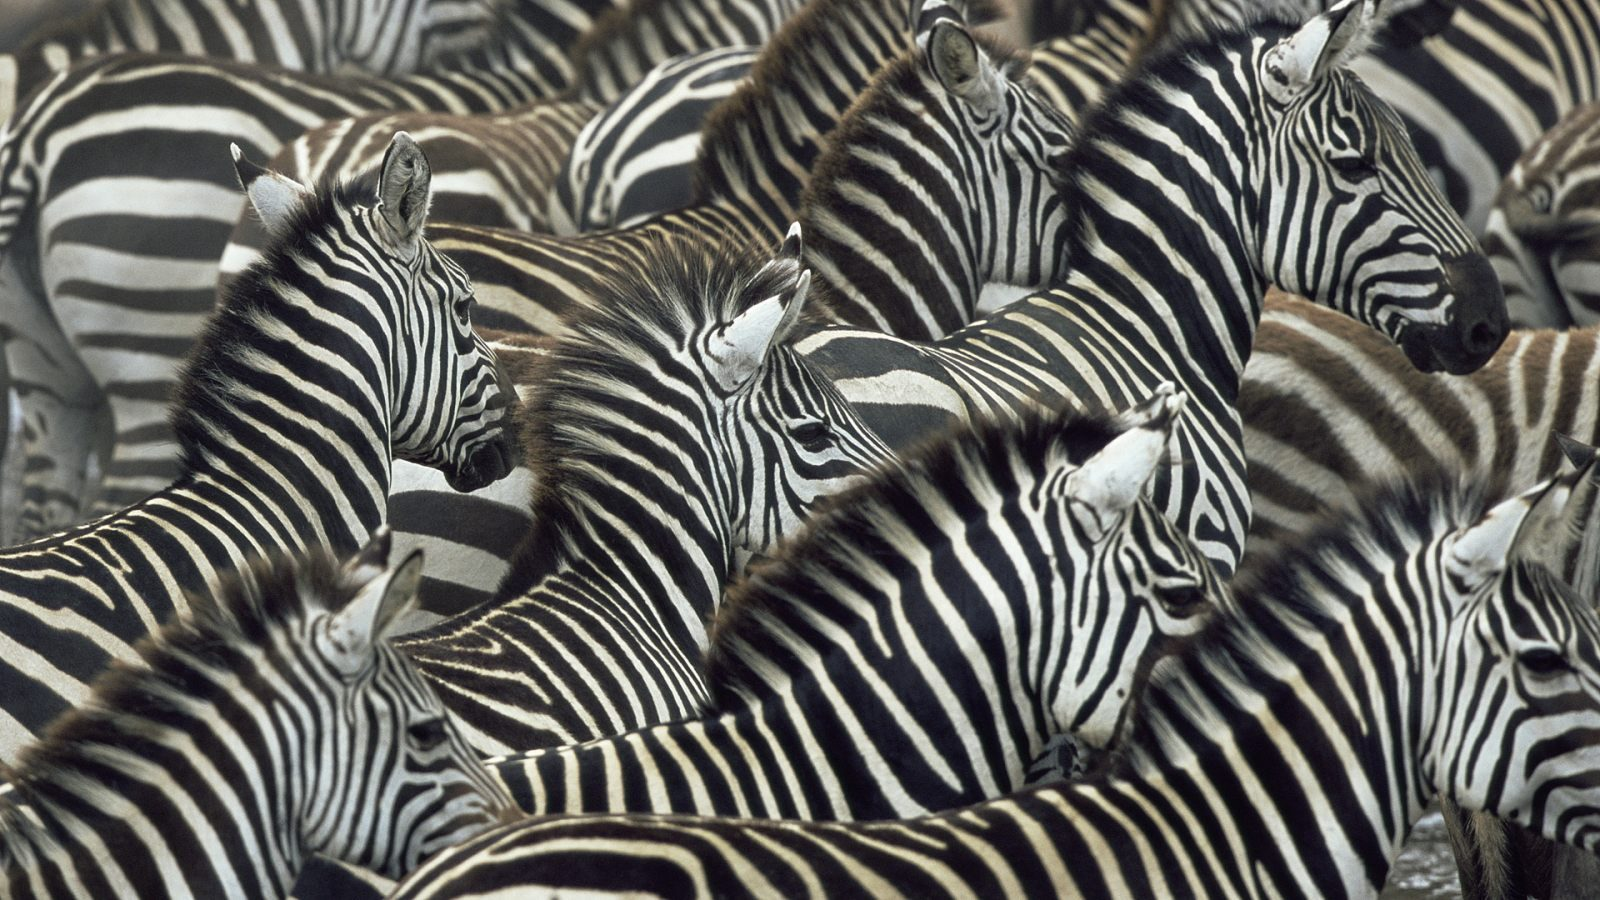 Galería de imágenes: Fondos de pantalla de cebras